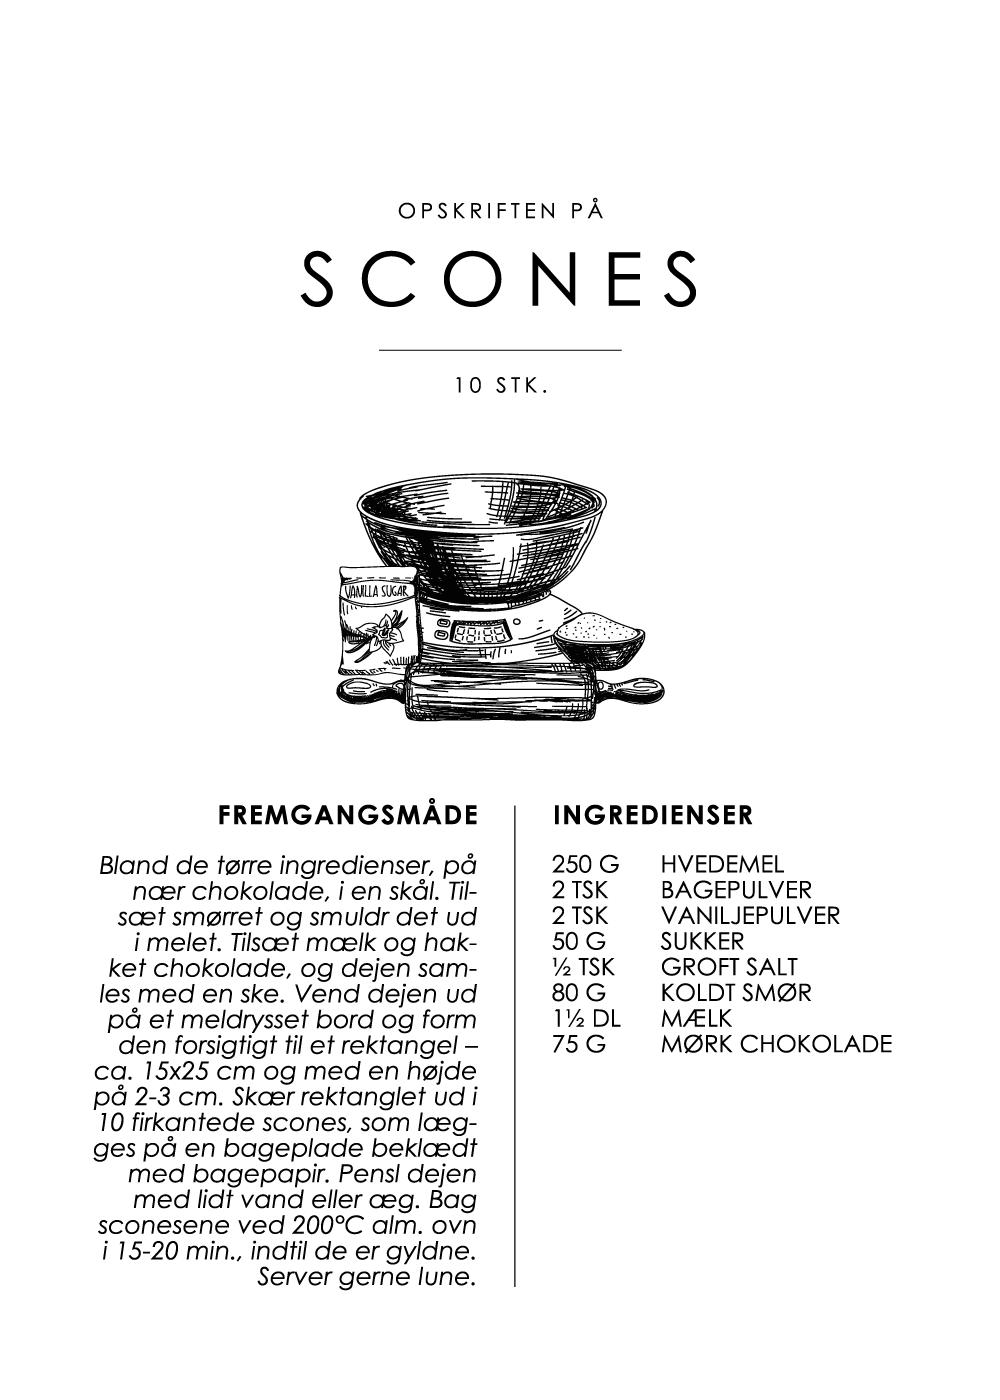 Billede af Scones opskrift - Kage guide plakat